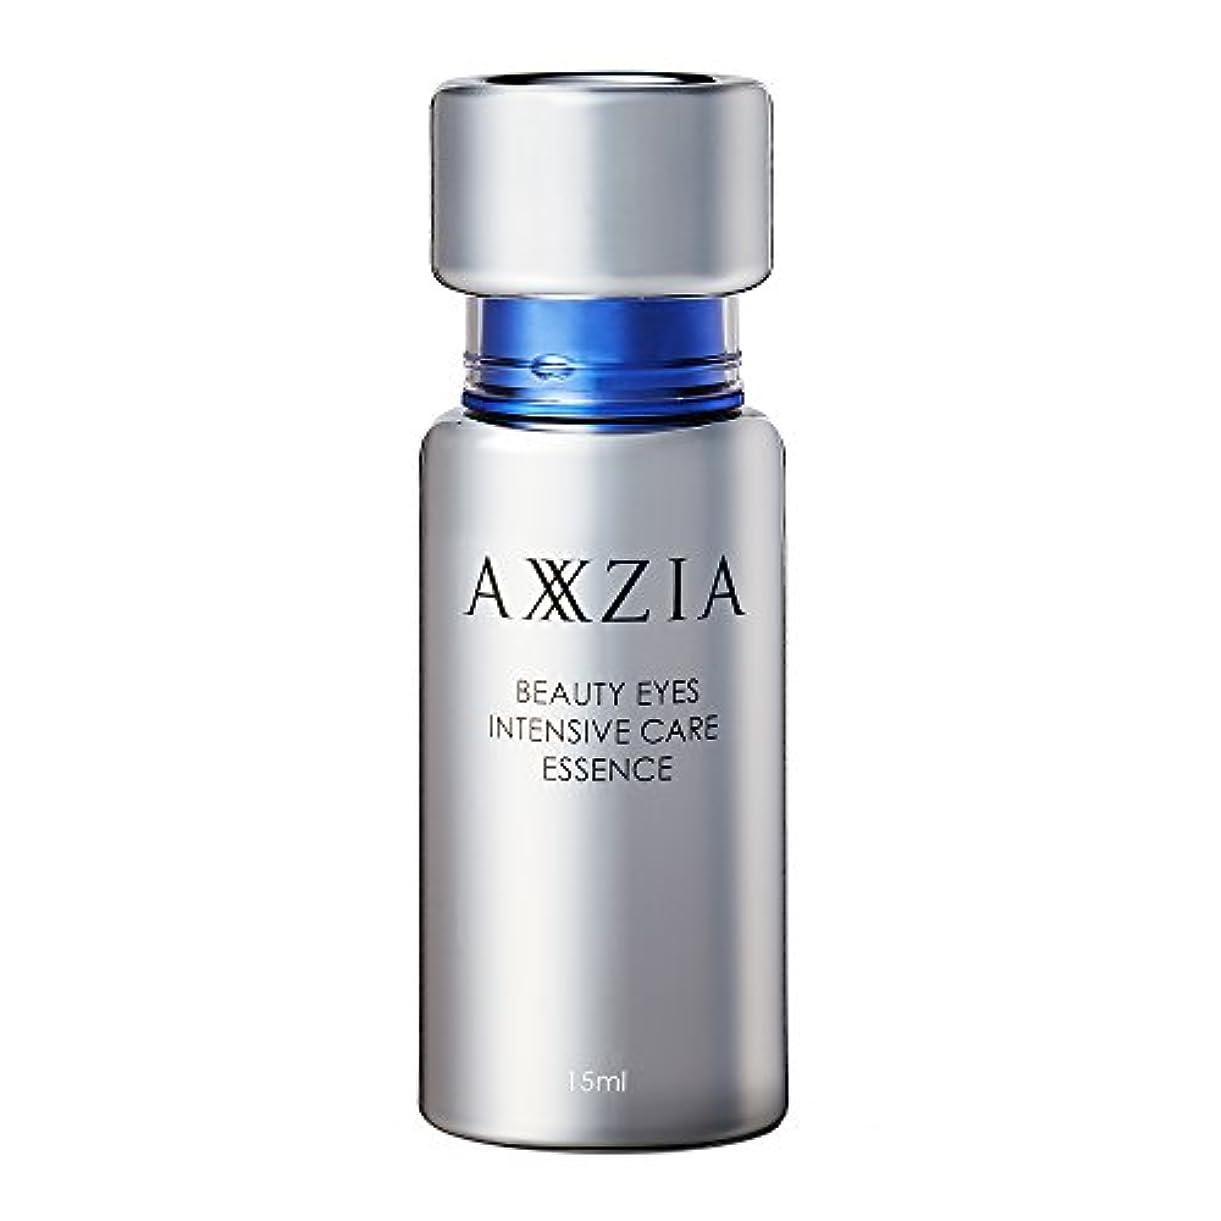 ジョガー望遠鏡欠如アクシージア (AXXZIA) ビューティアイズ インテンシブ ケア エッセンス 15mL | 目元美容液 目の下のたるみ 化粧品 解消 目元のたるみ